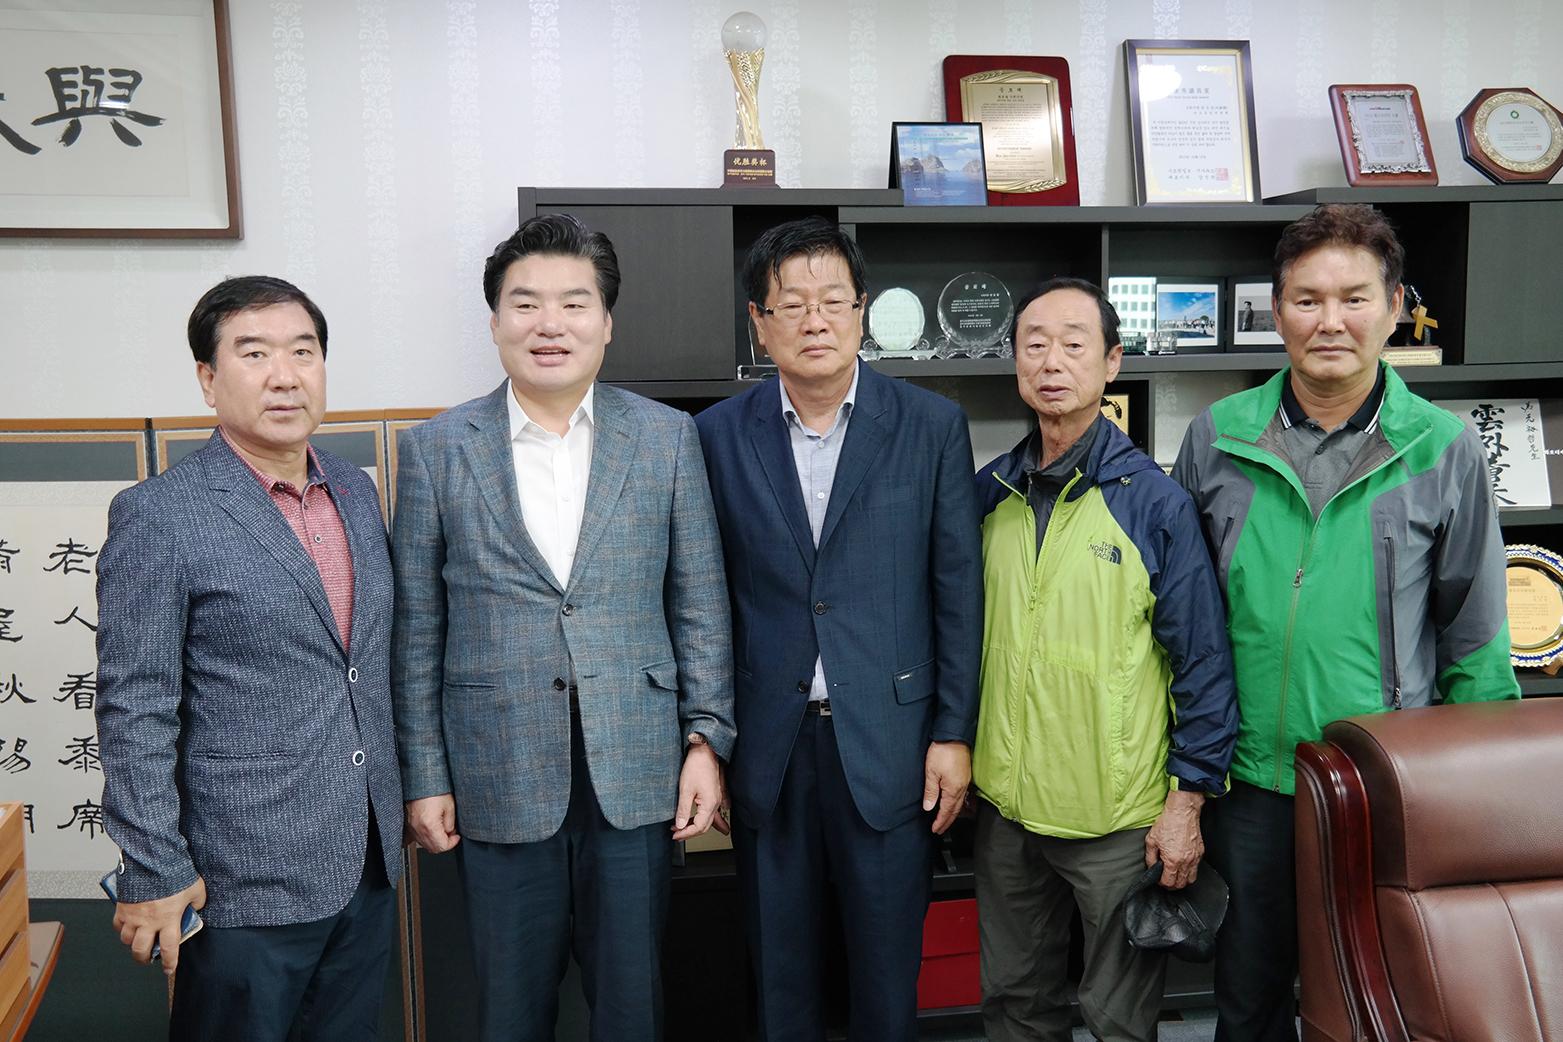 자유한국당 원유철 국회의원(경기 평택시갑, 5선) 면담SAM_4480 (4).JPG